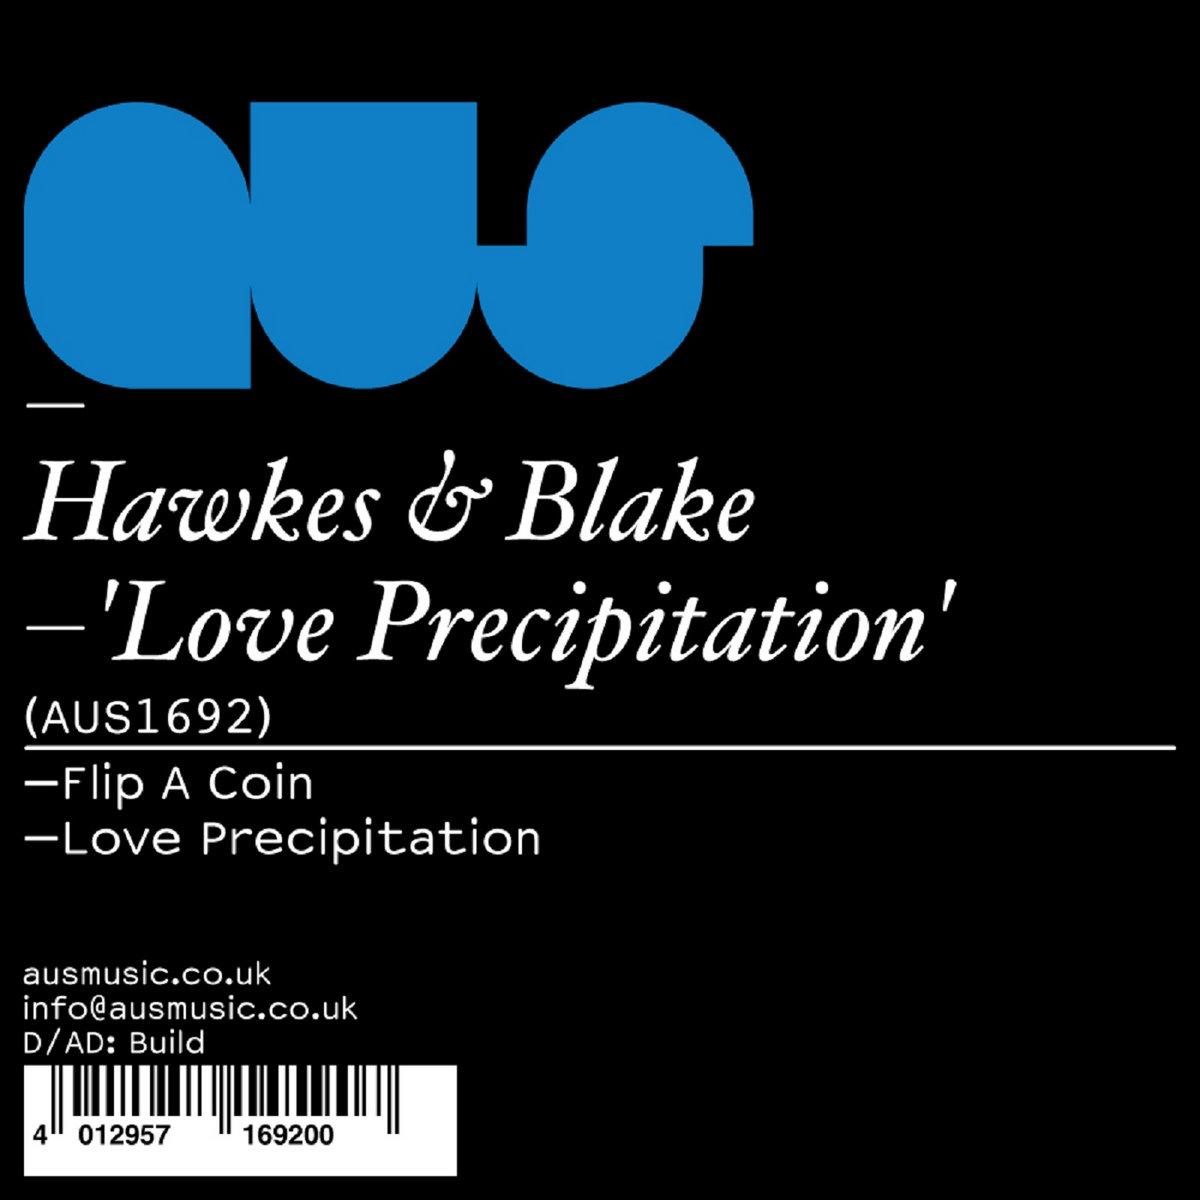 Love Precipitation Marquis Hawkes Timothy Blake